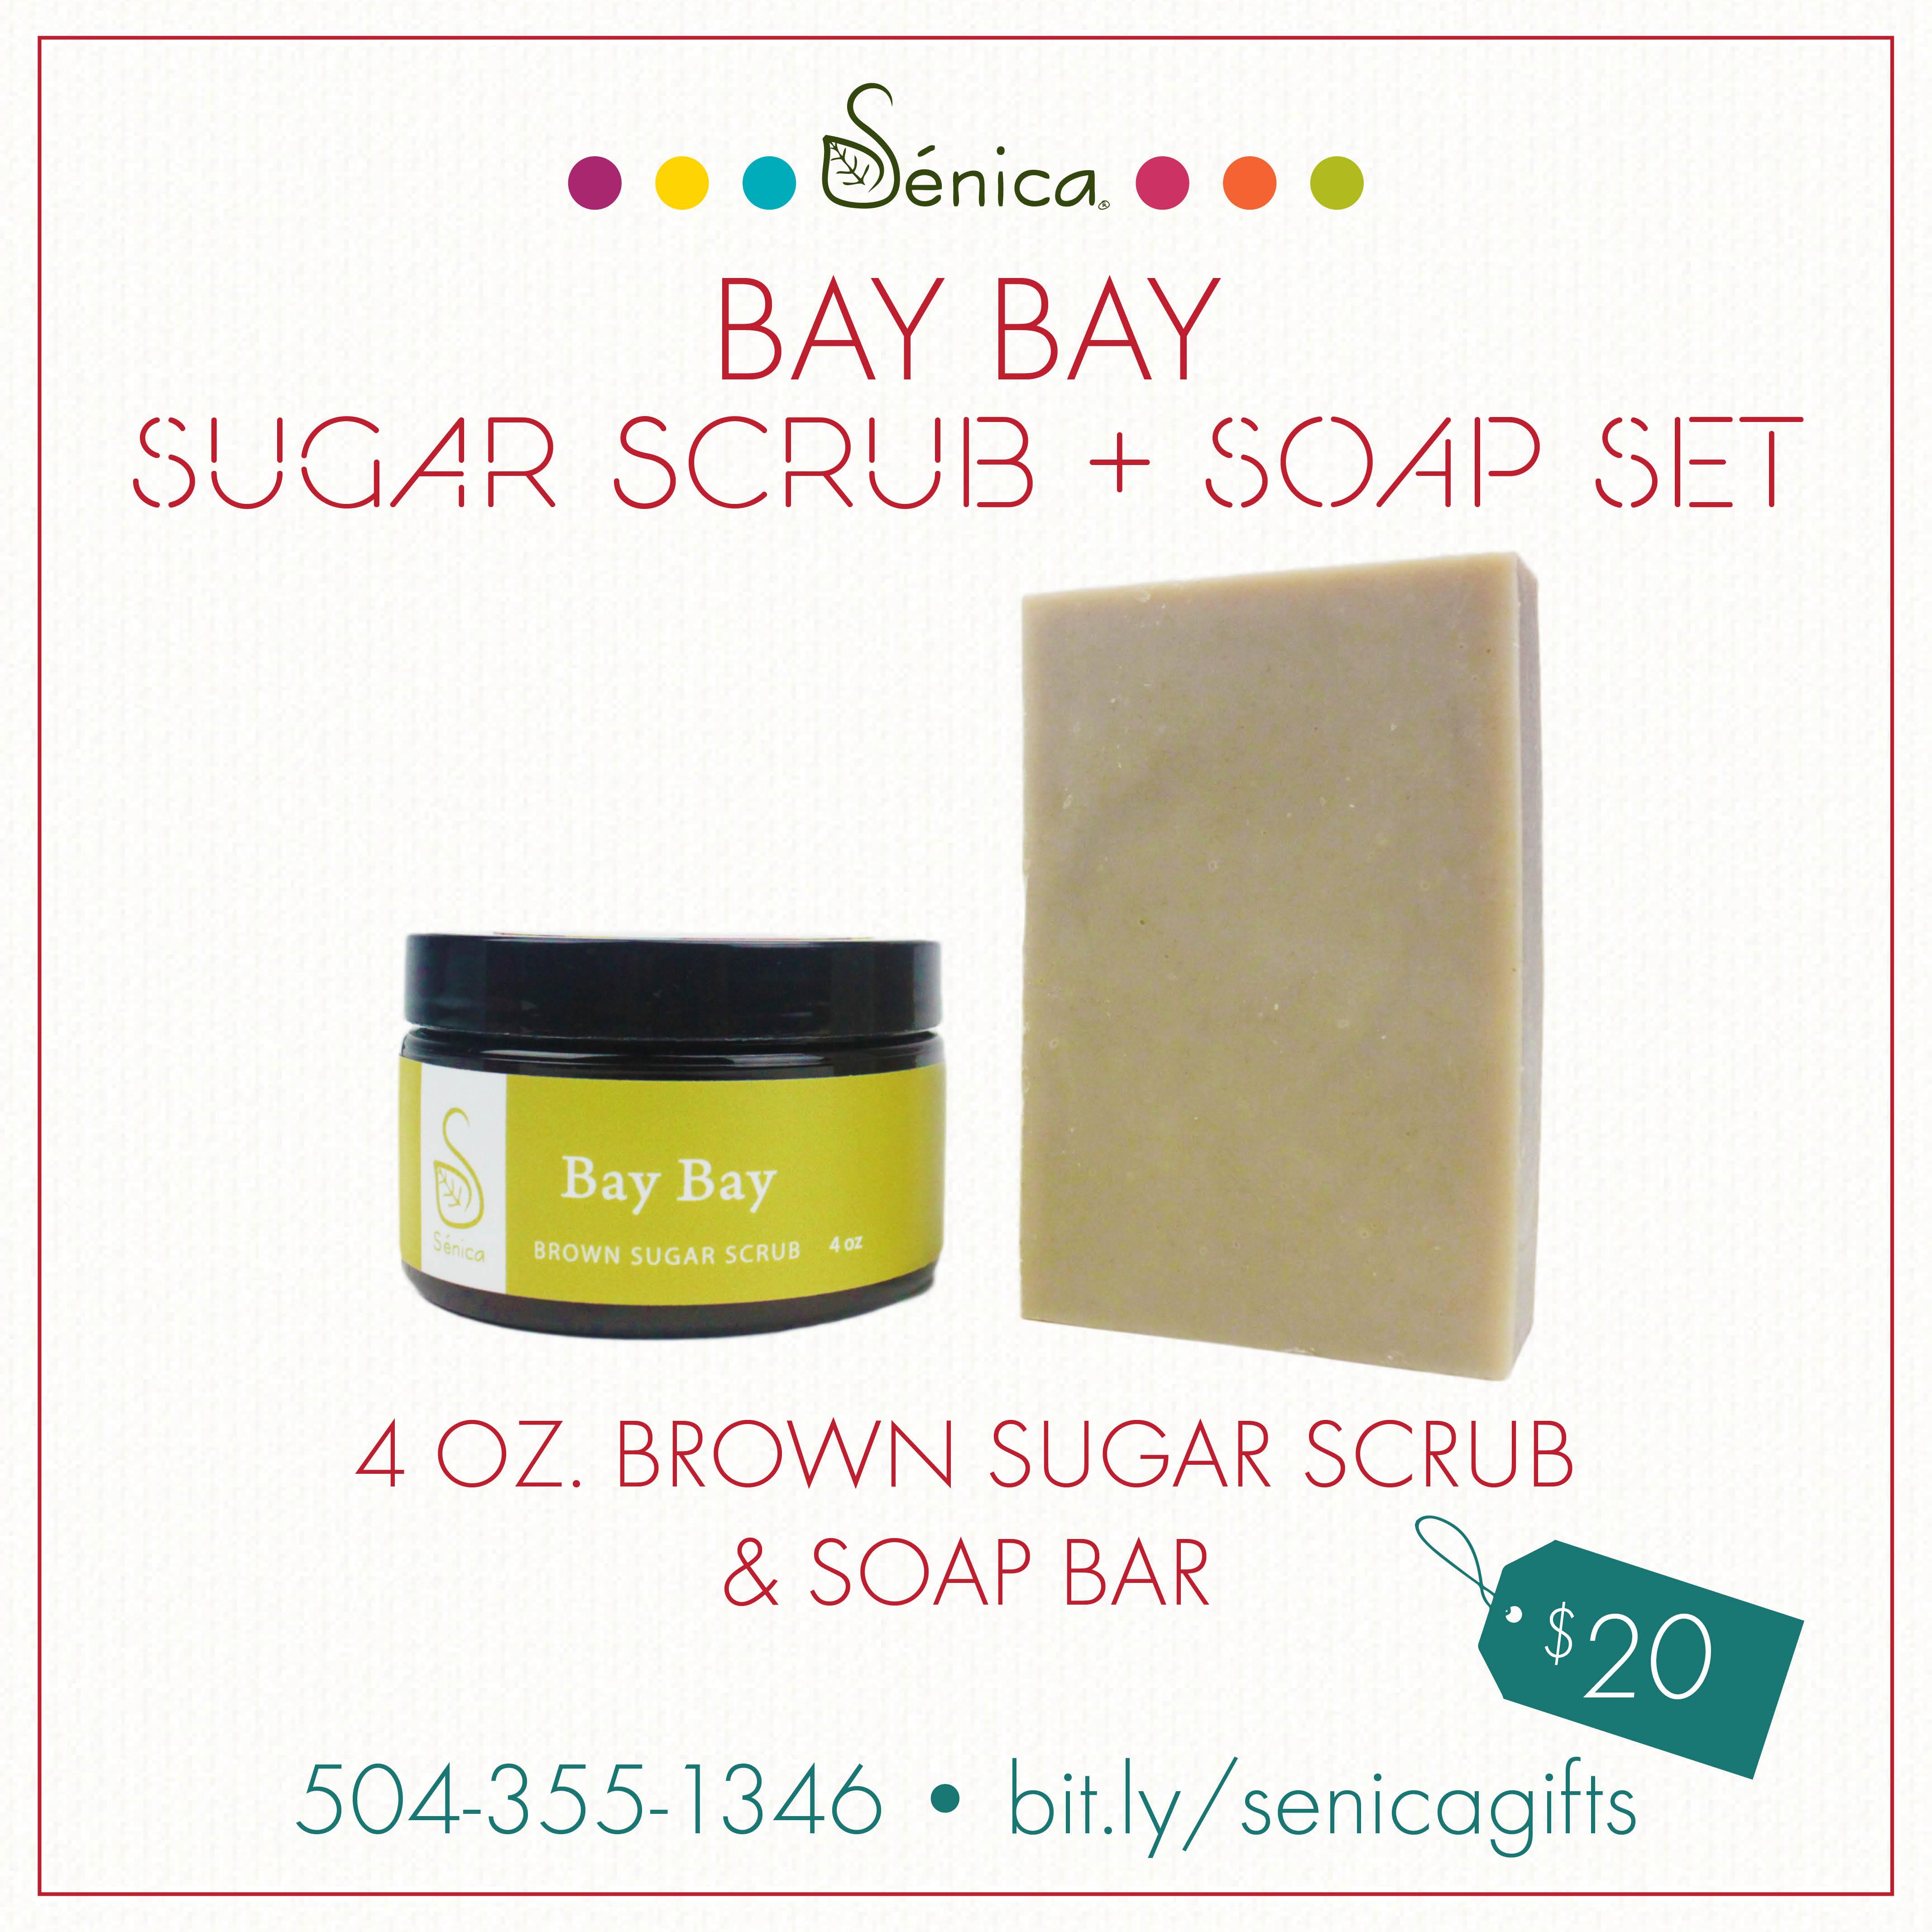 Gallery - Bay Bay Sugar Scrub & Soap Set